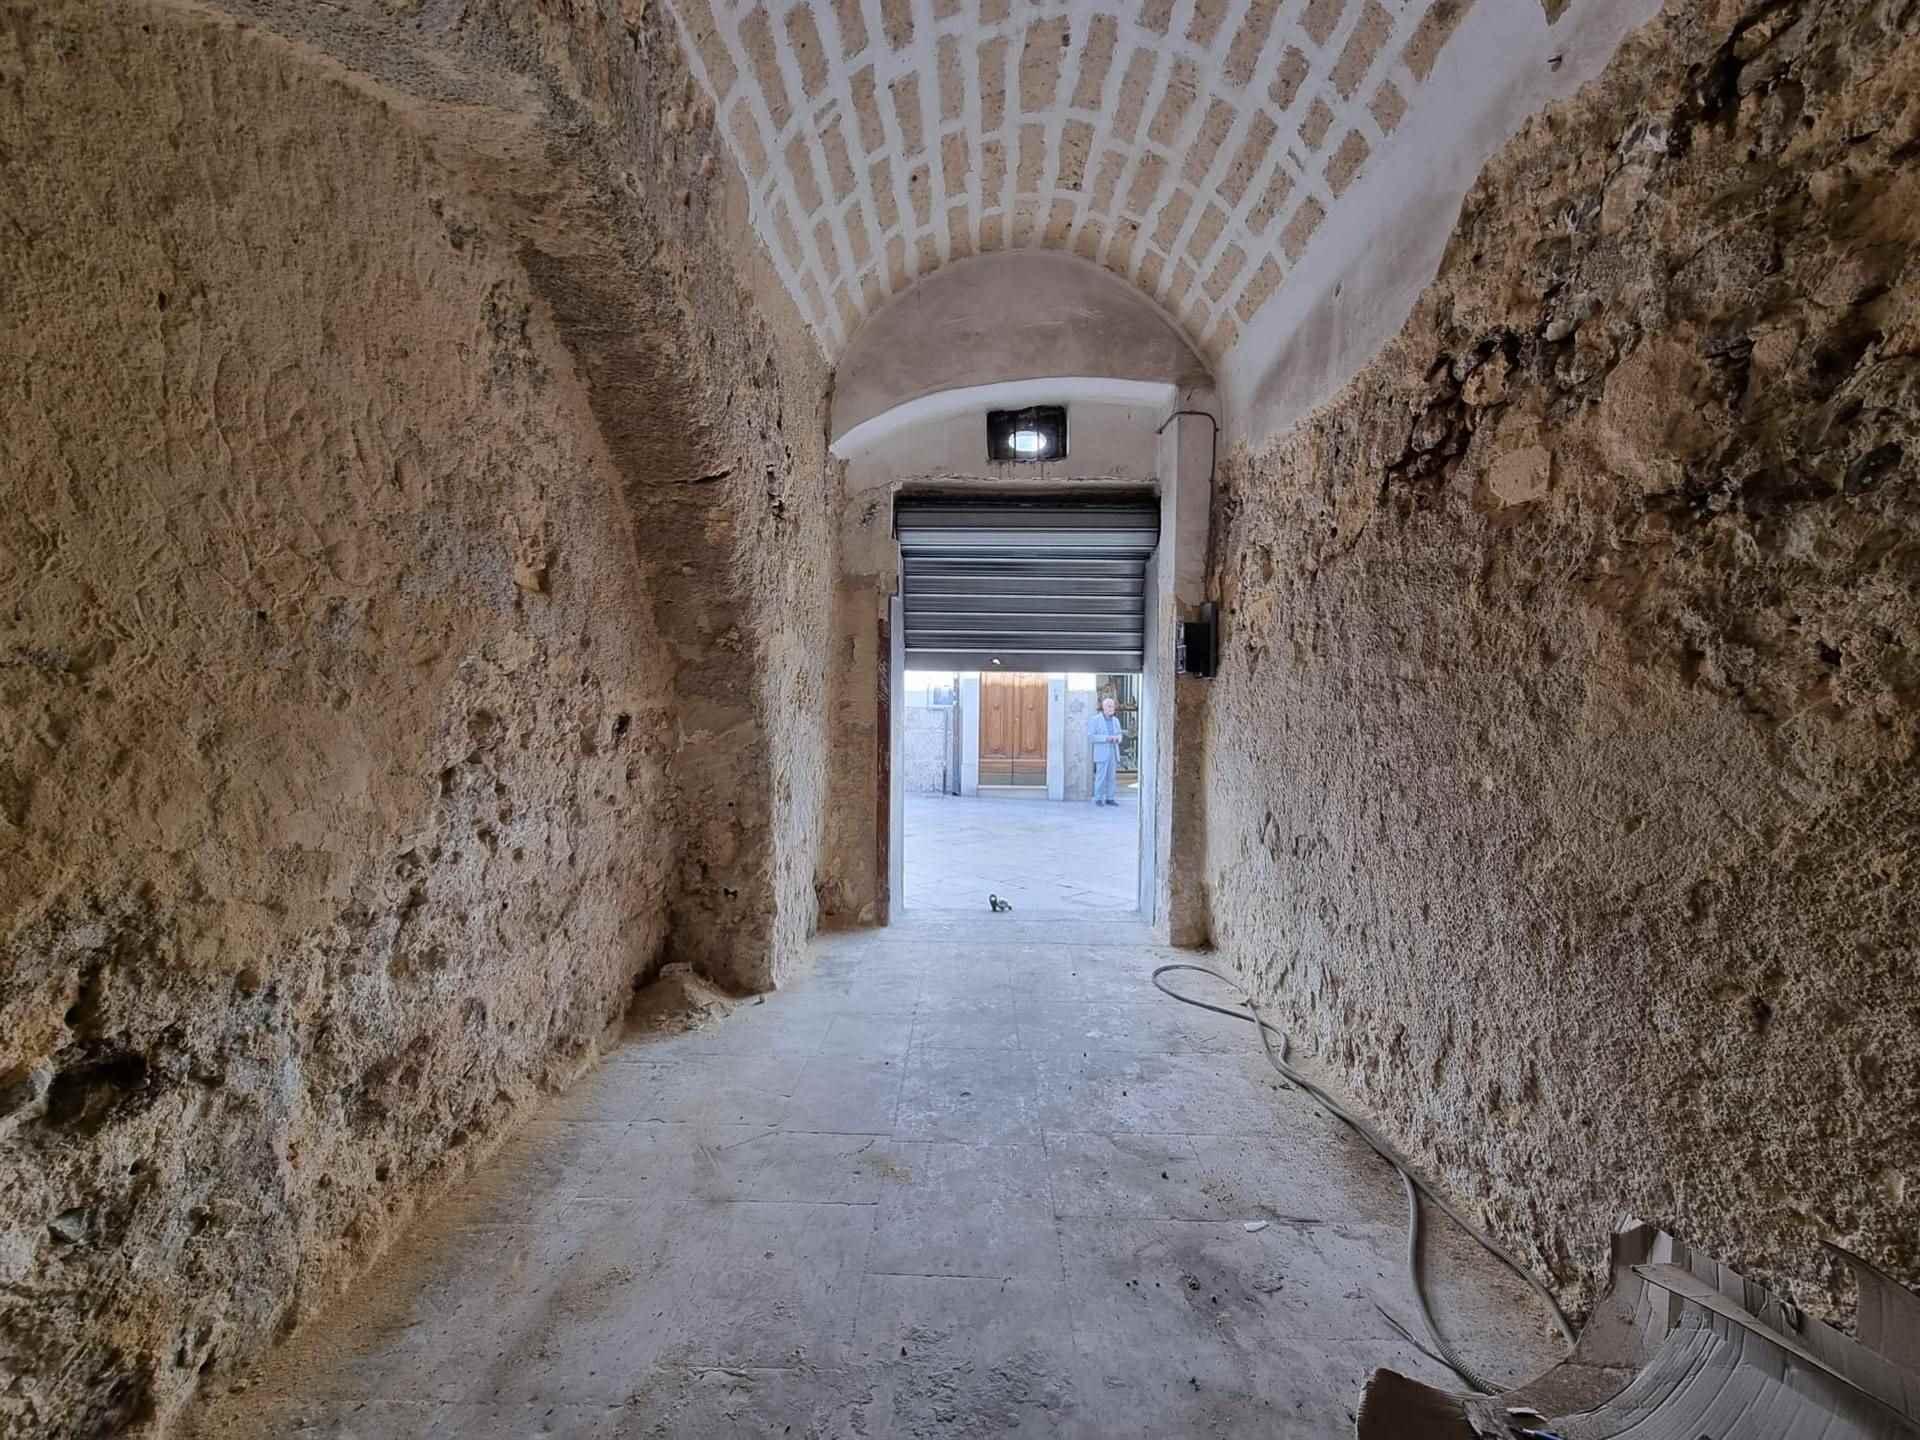 Immobile Commerciale in affitto a Altamura, 4 locali, zona Località: CENTRO STORICO, prezzo € 1.000   CambioCasa.it